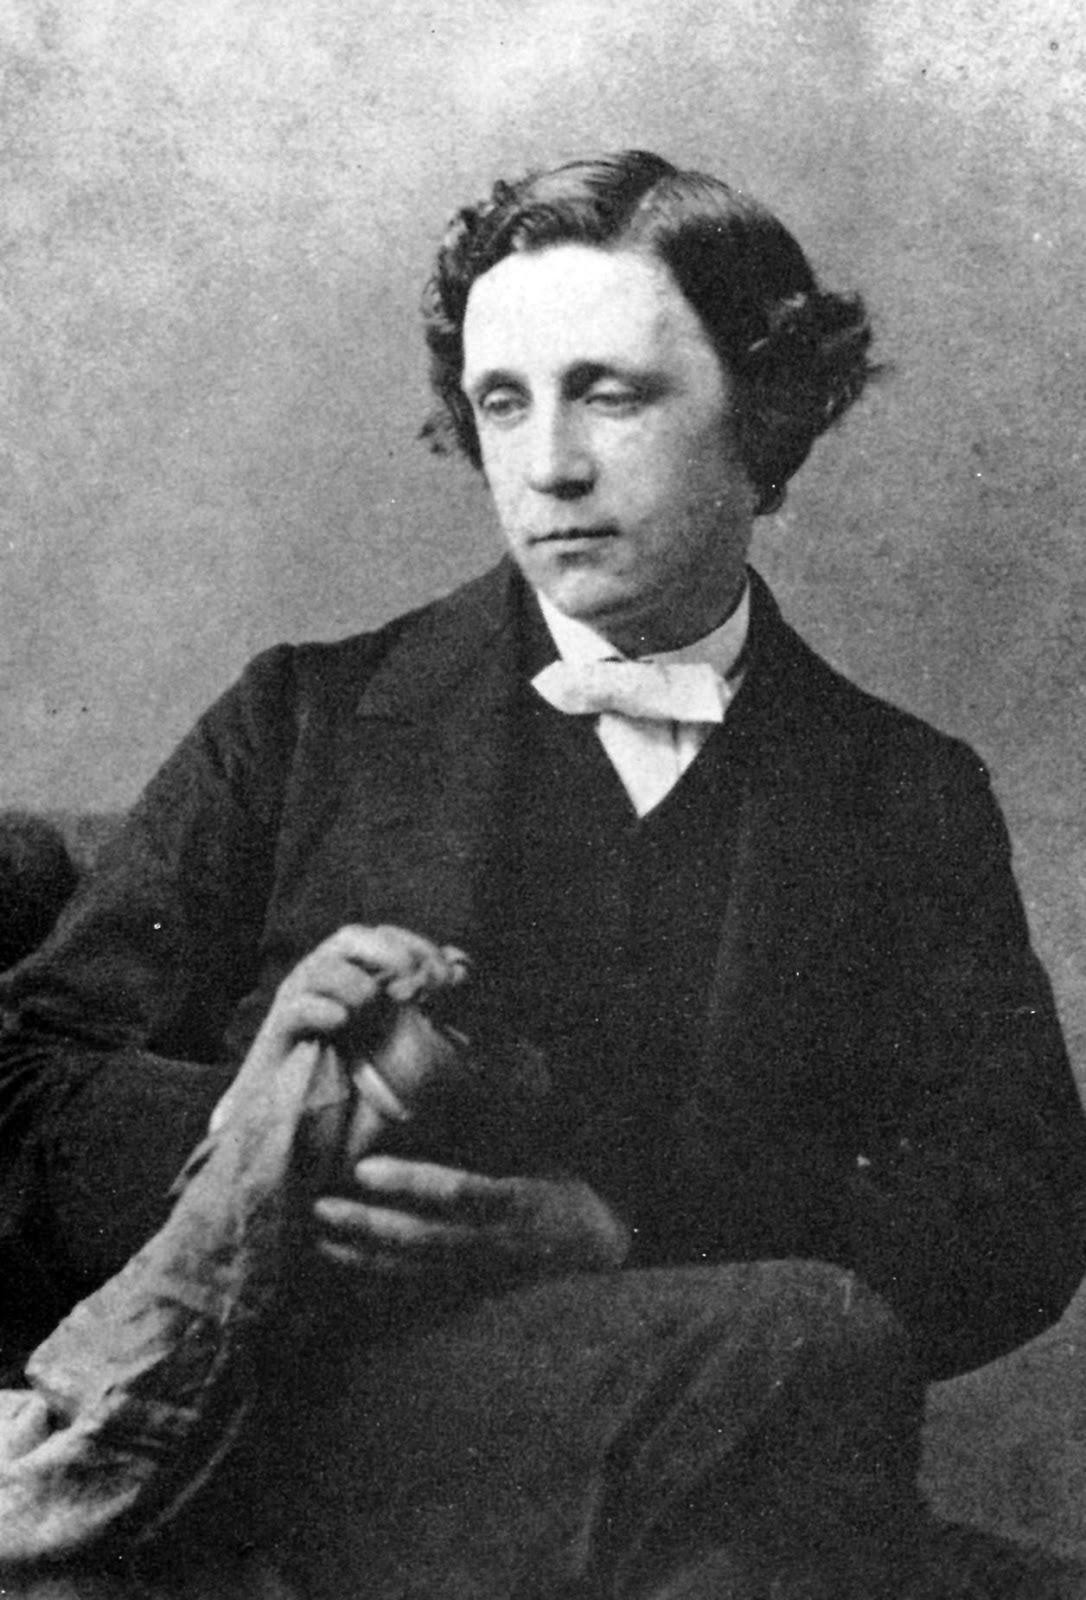 オスカー・ギュスターヴ・レイランダーのルイス・キャロルの肖像